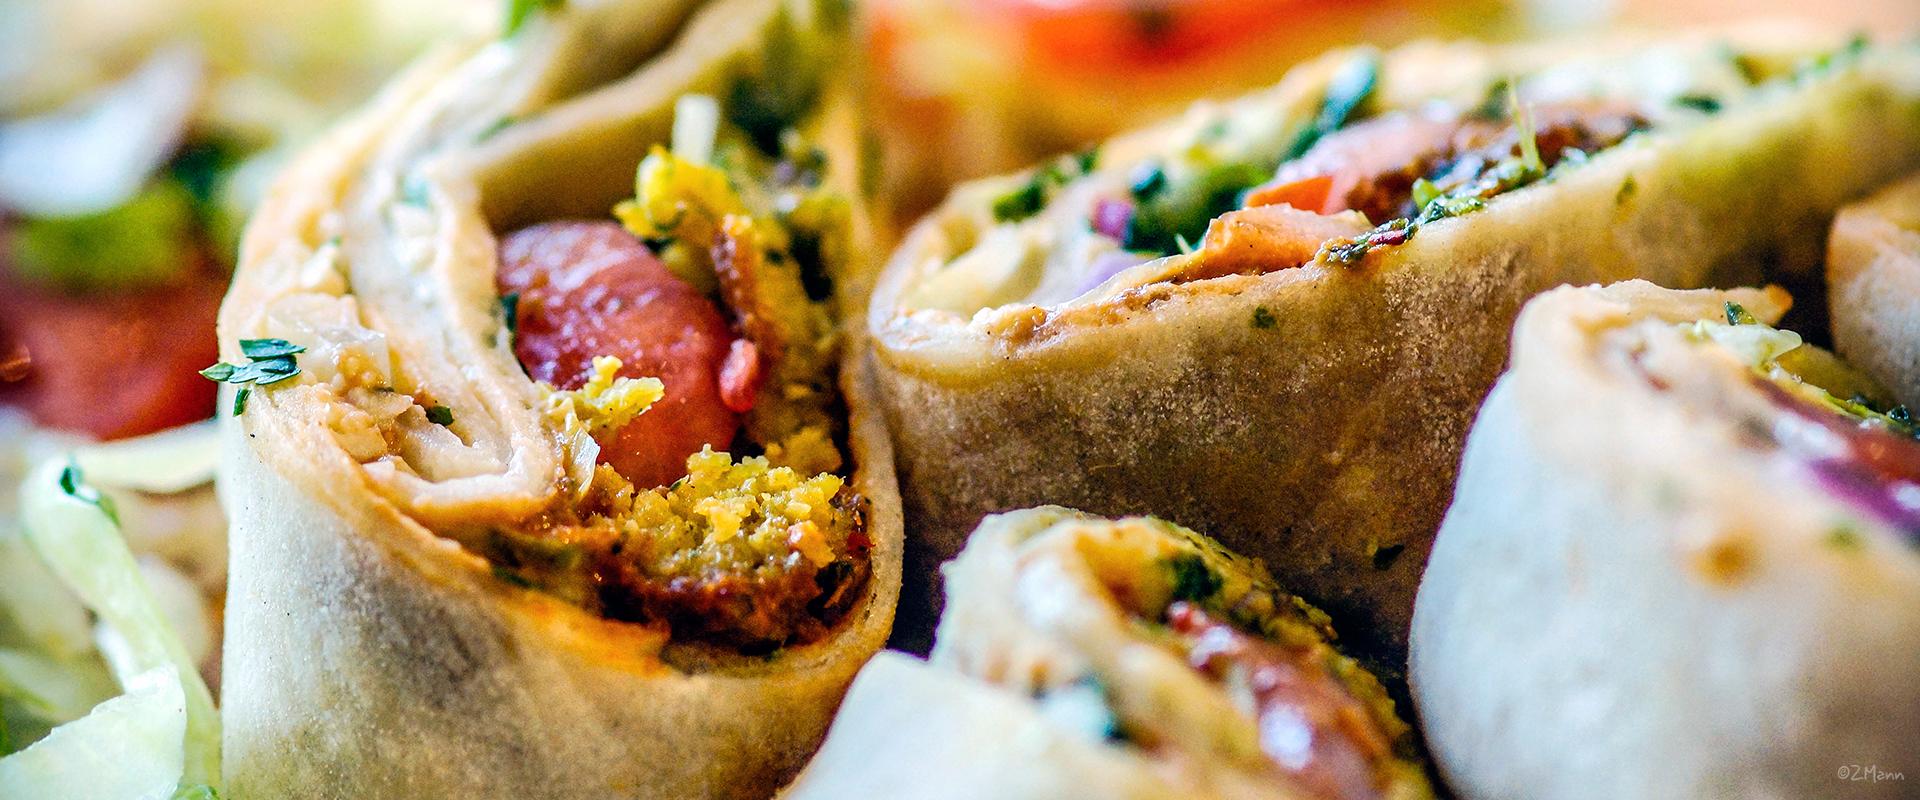 Z Widokiem Na Stol Kuchnia Bliskiego Wschodu Mezze Hummus I